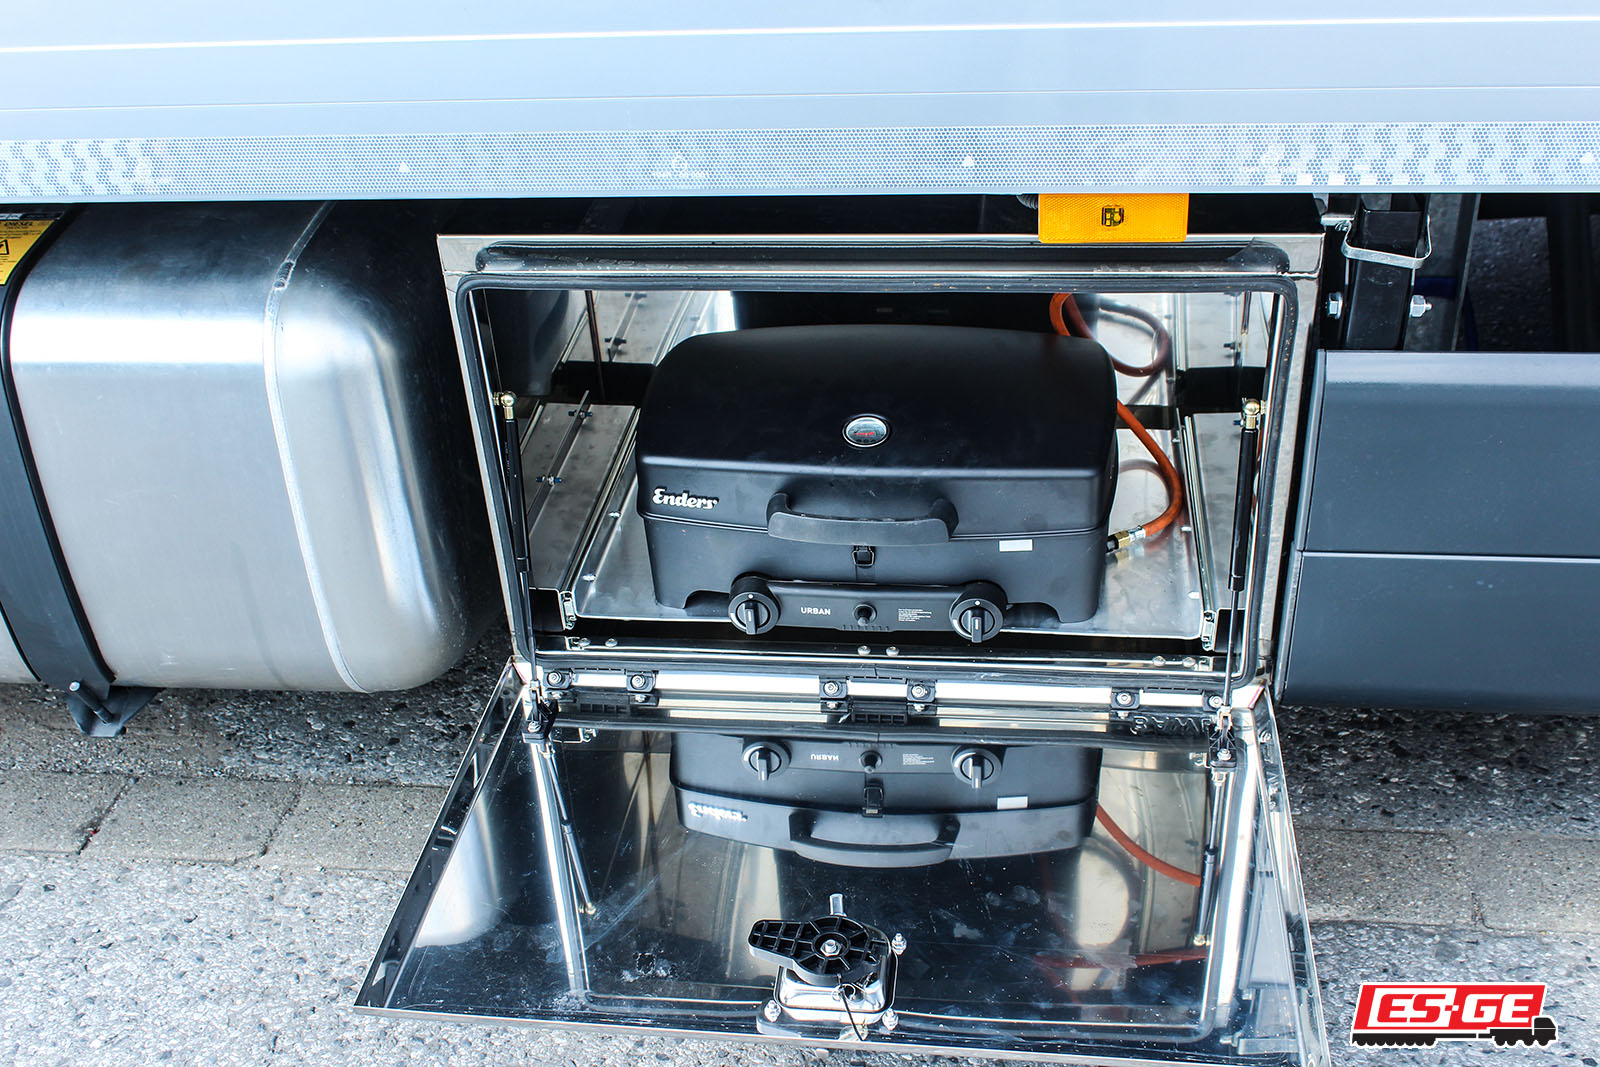 Rothmund-ES-GE-Referenzen-Mercedes-Actros-ES-GE-Anhänger-12